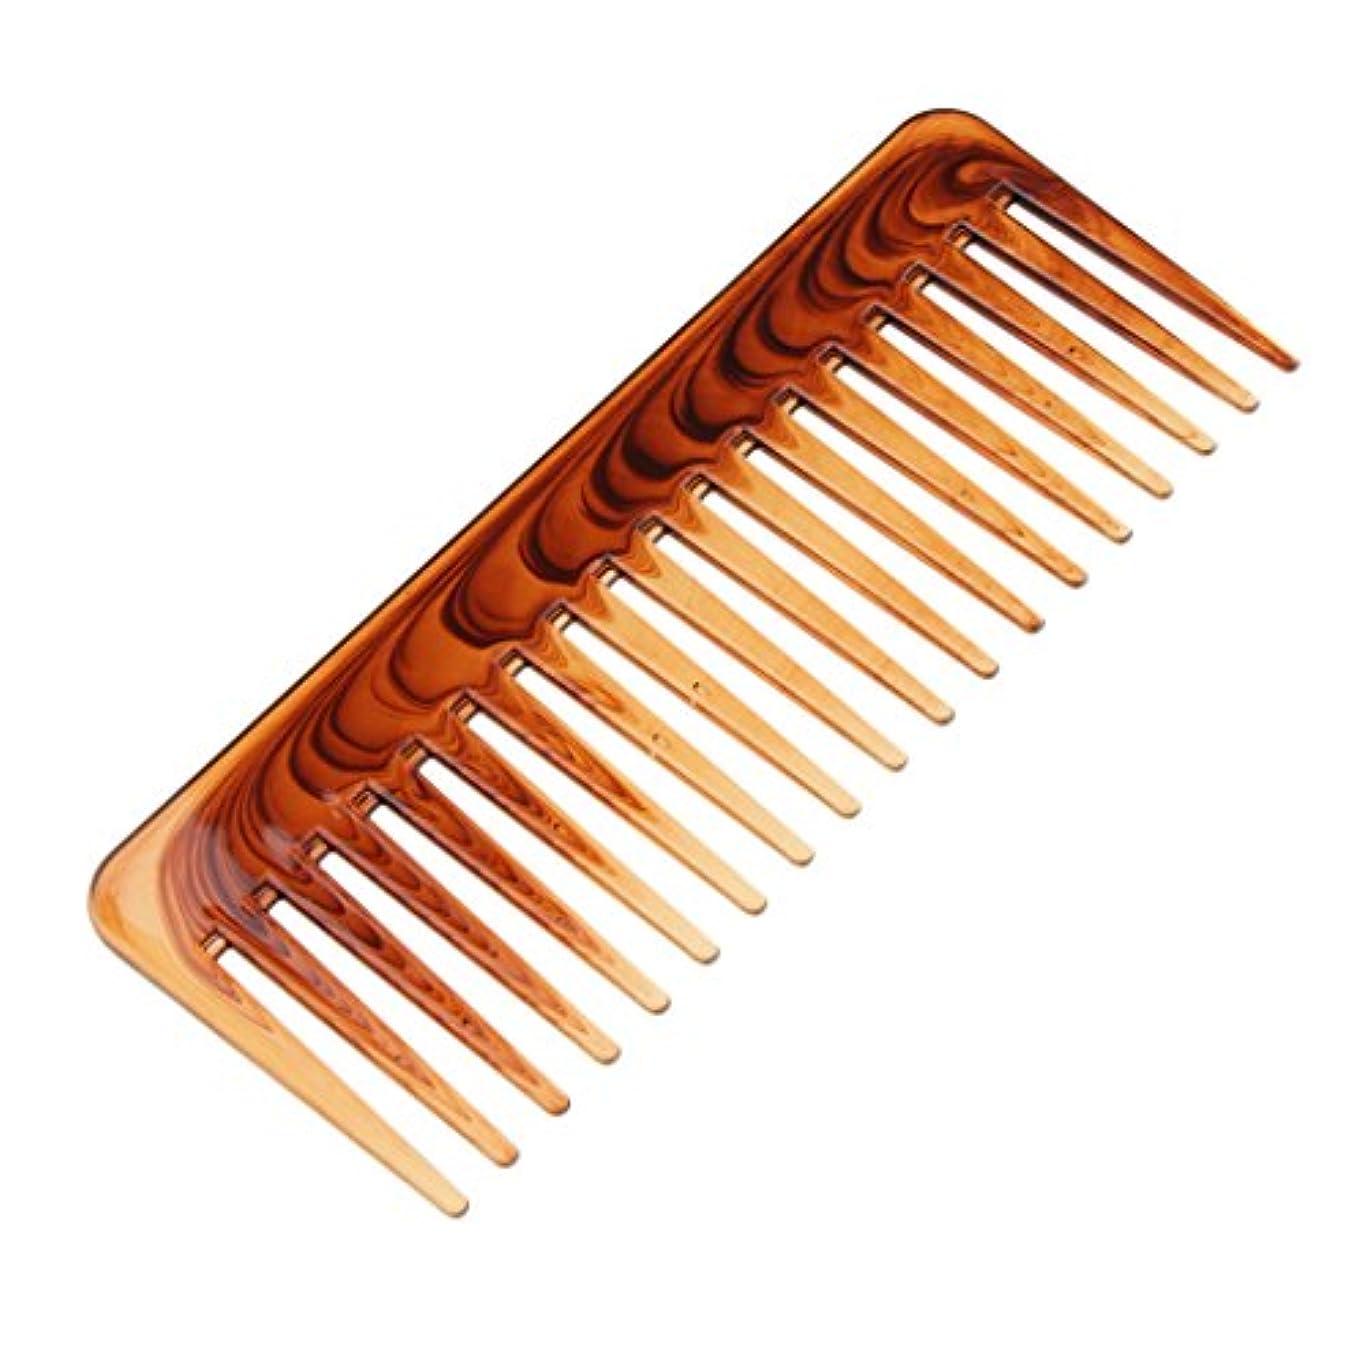 ミュートラップオーケストラ絡み合った髪の櫛ヘアコンディショニングレーキの櫛幅のあるヘアブラシのツール